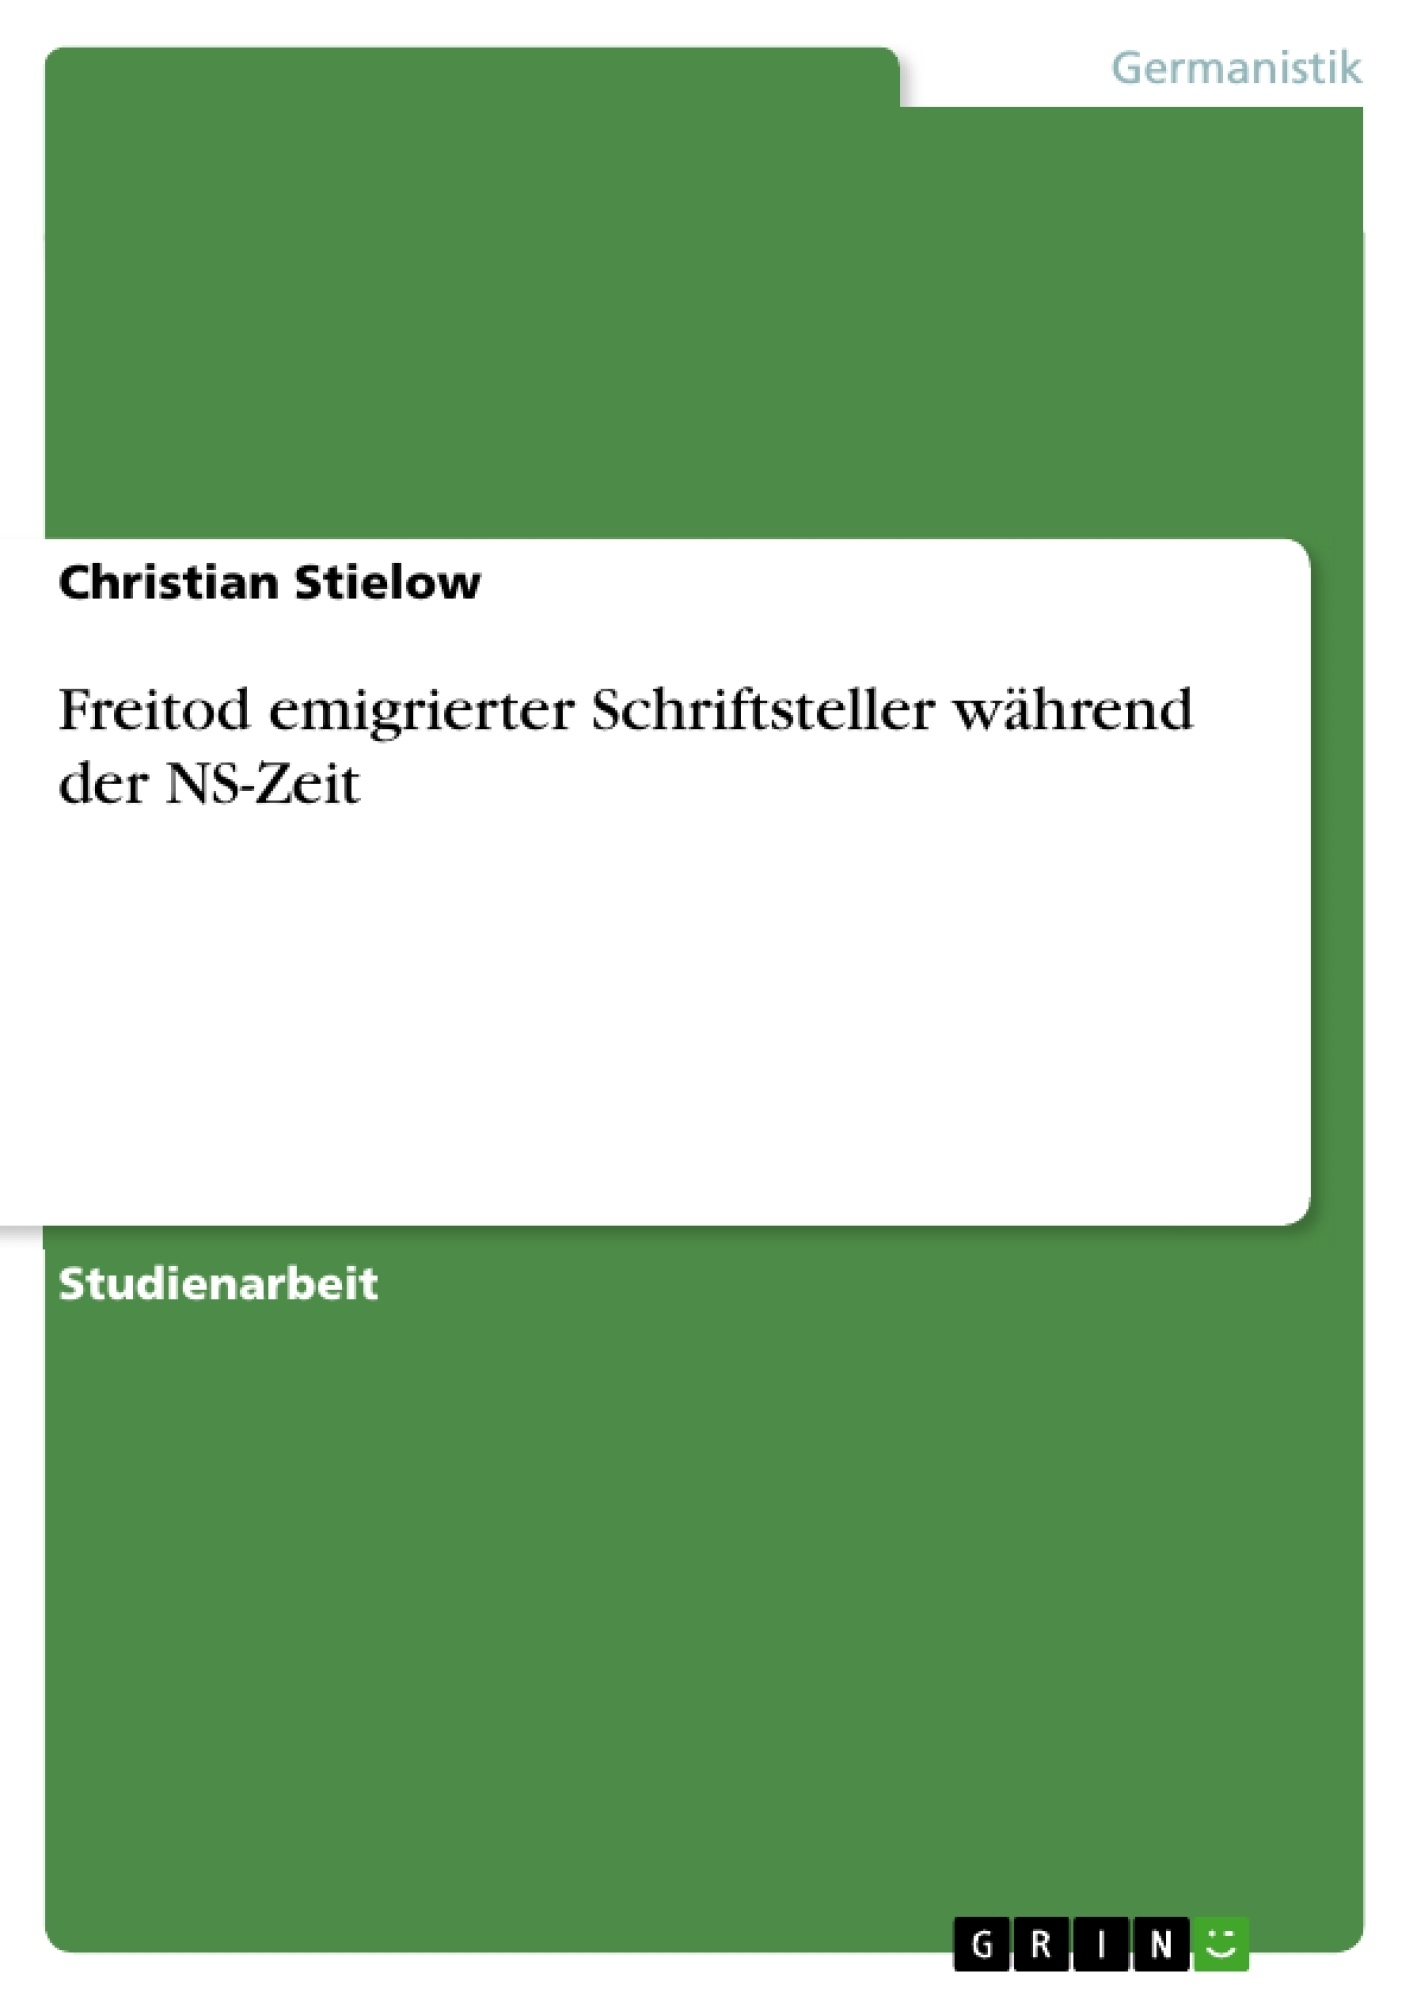 Titel: Freitod emigrierter Schriftsteller während der NS-Zeit